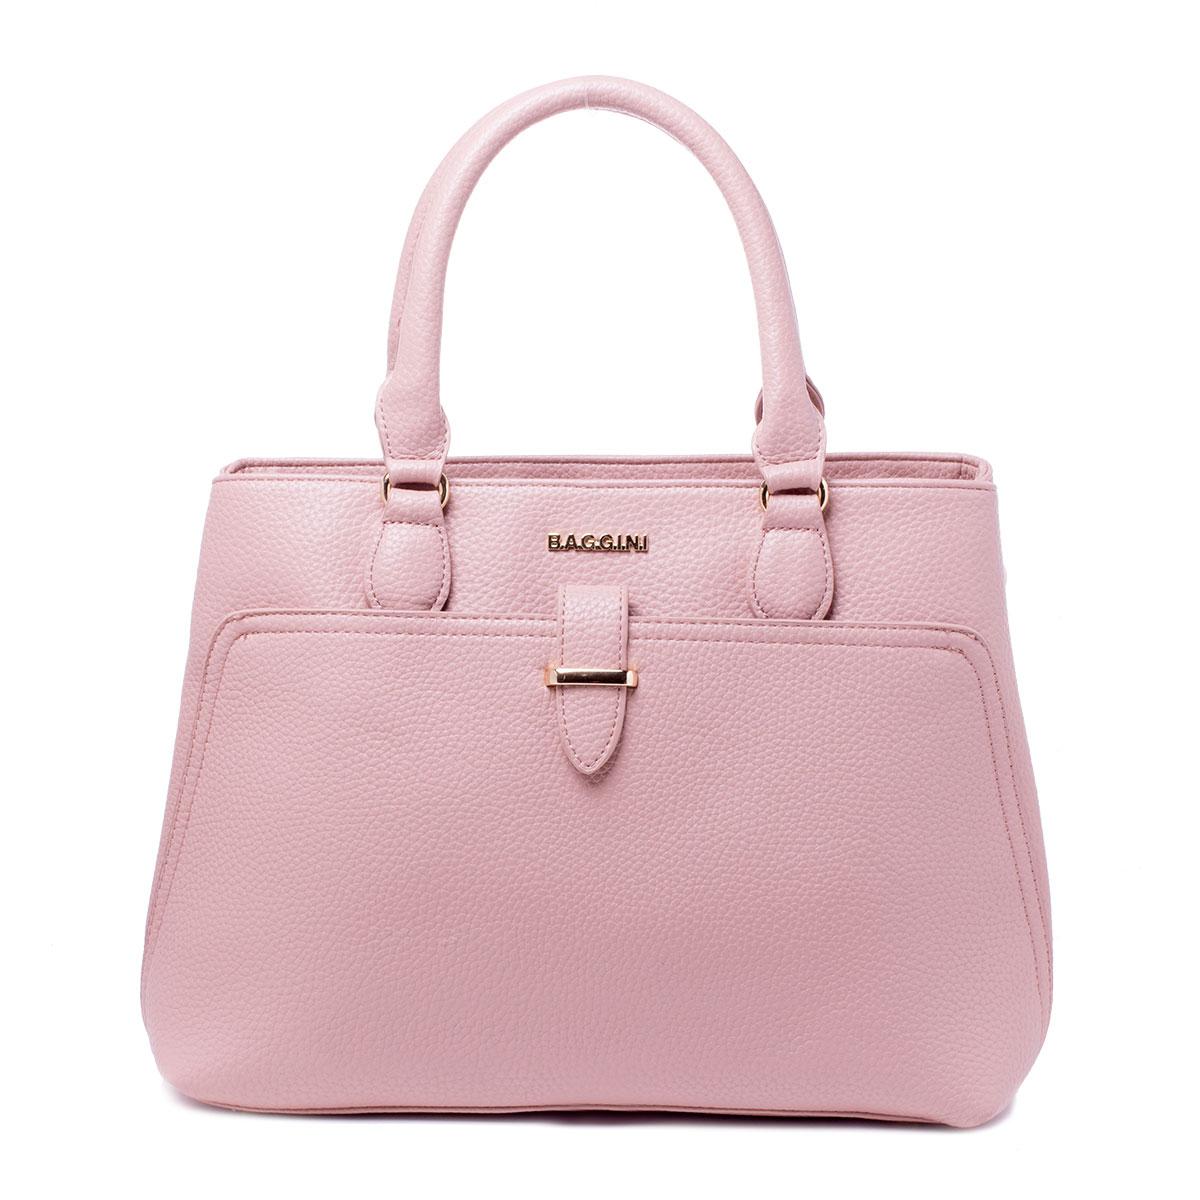 Сумка женская Baggini, цвет: розовый. 29786/6329786/63Сумка жен., иск. кожа